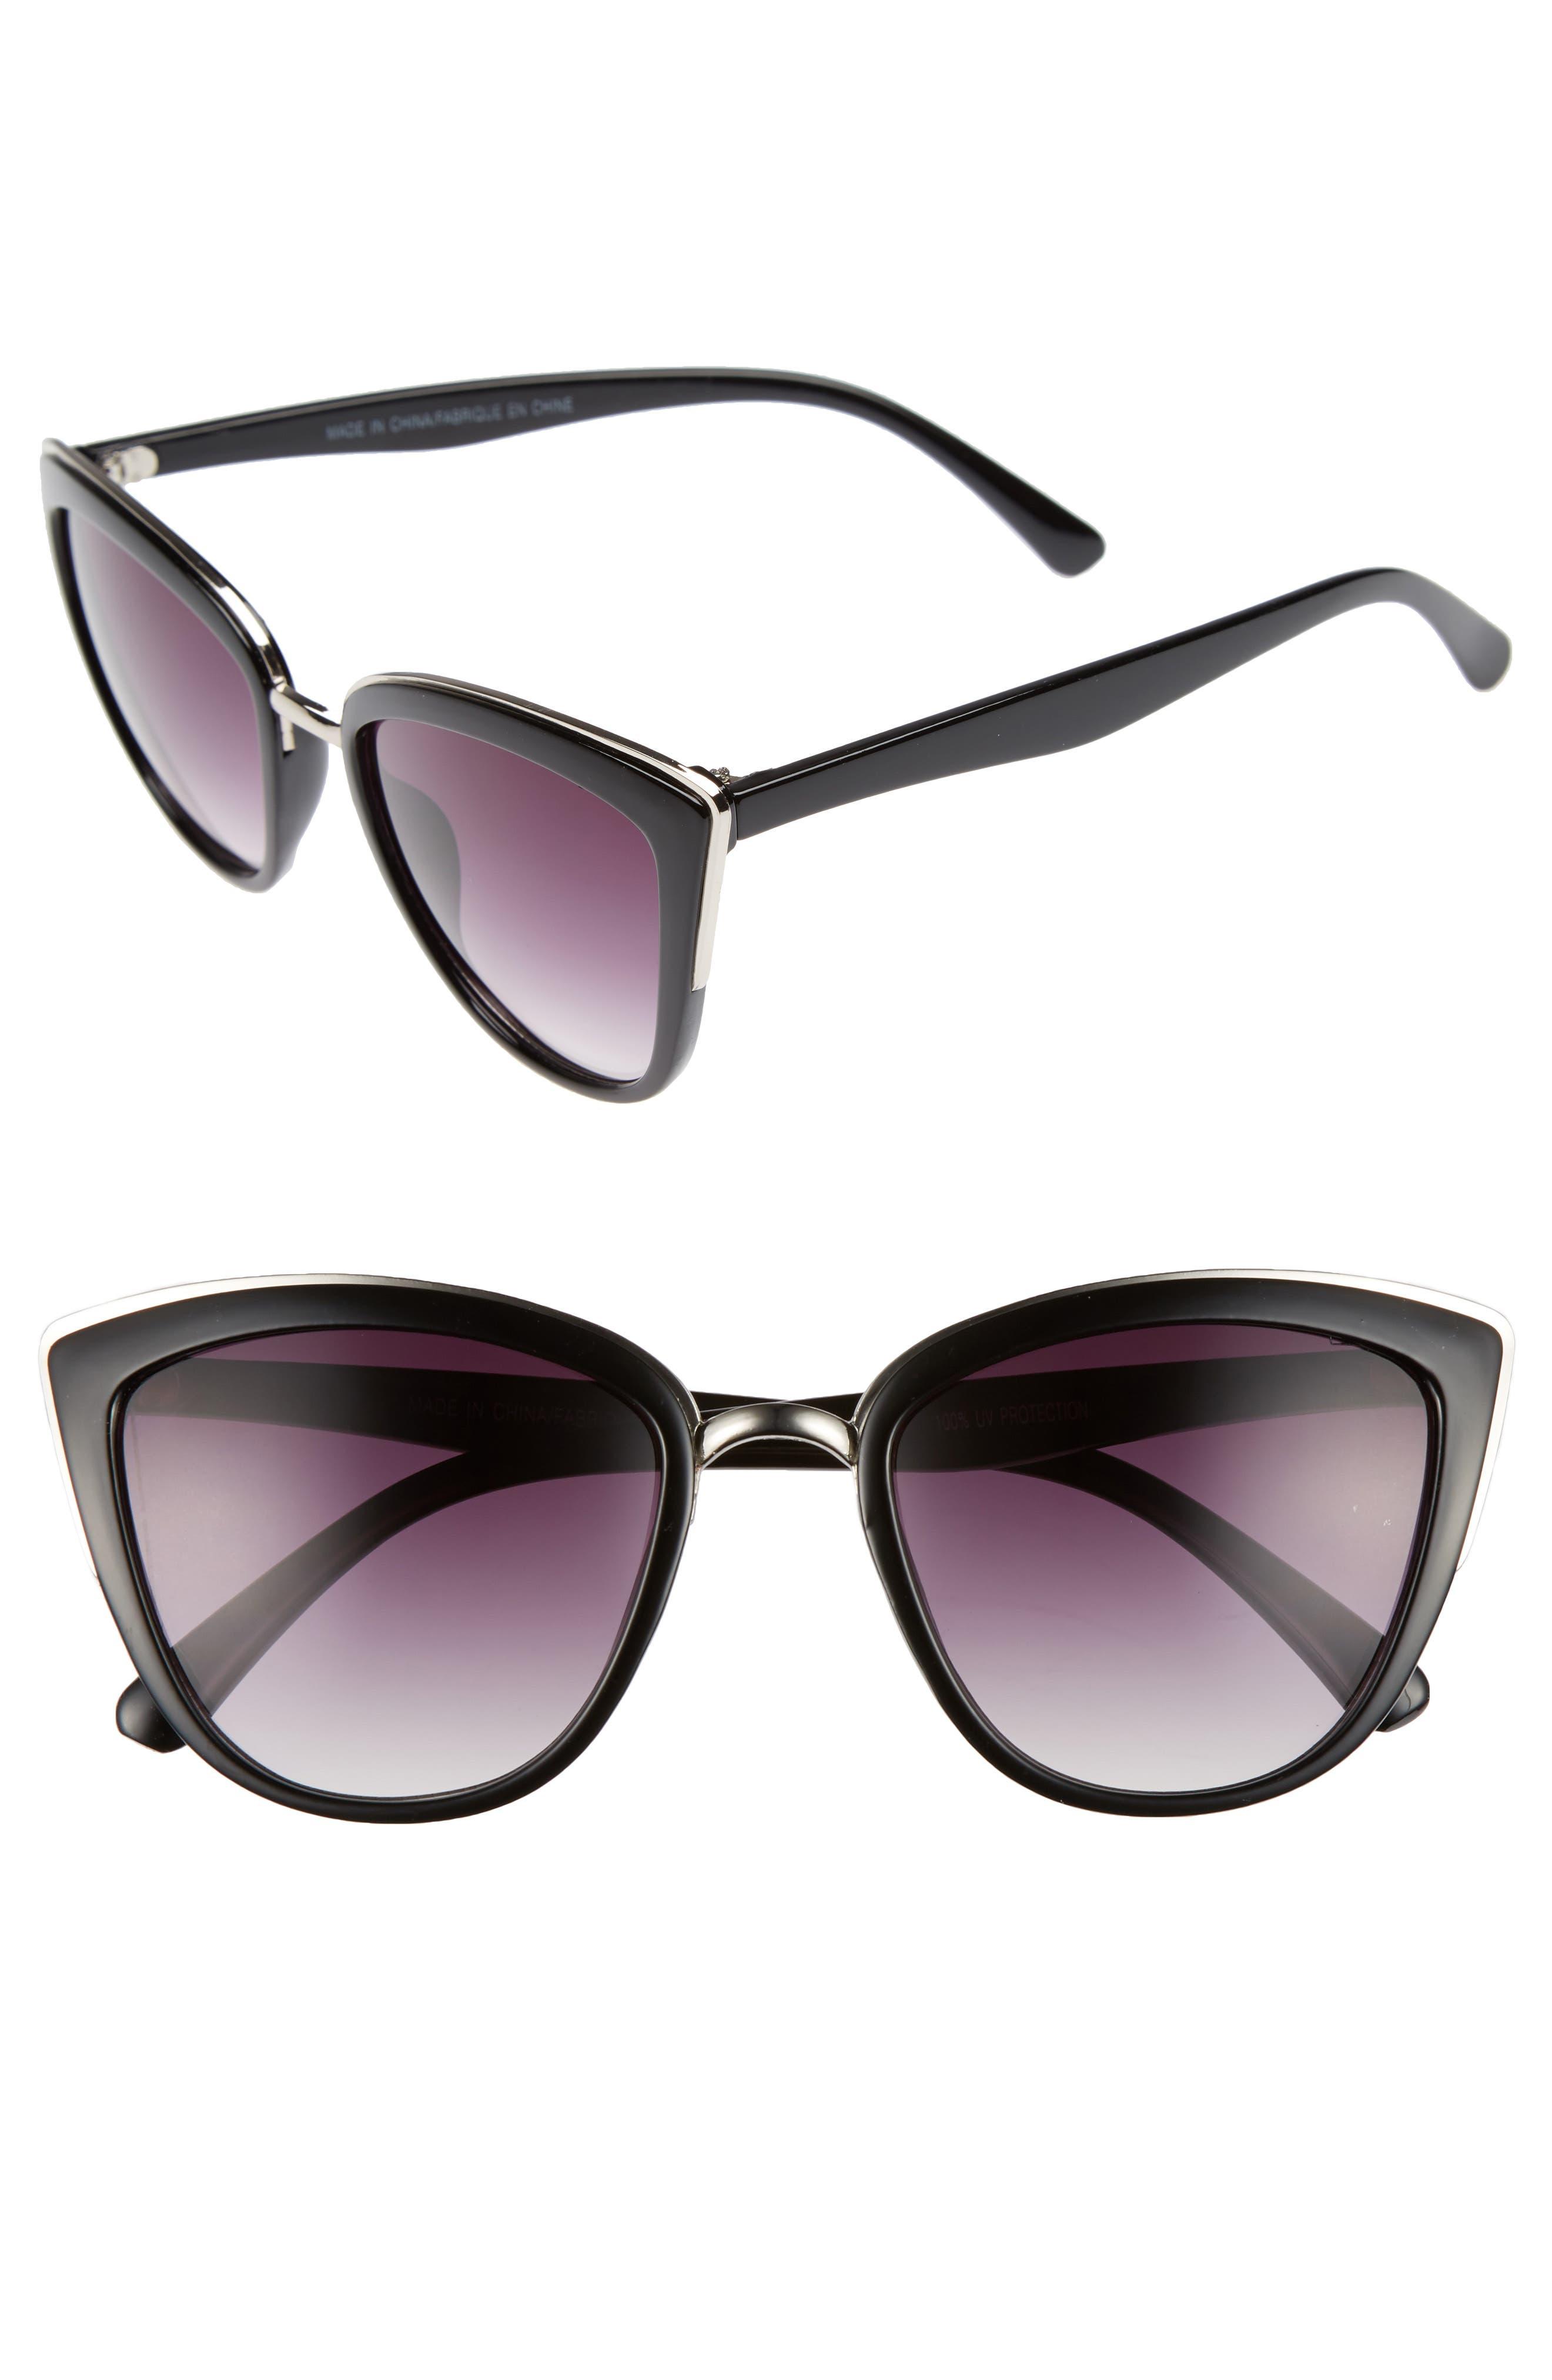 55mm Metal Rim Cat Eye Sunglasses, Main, color, 001